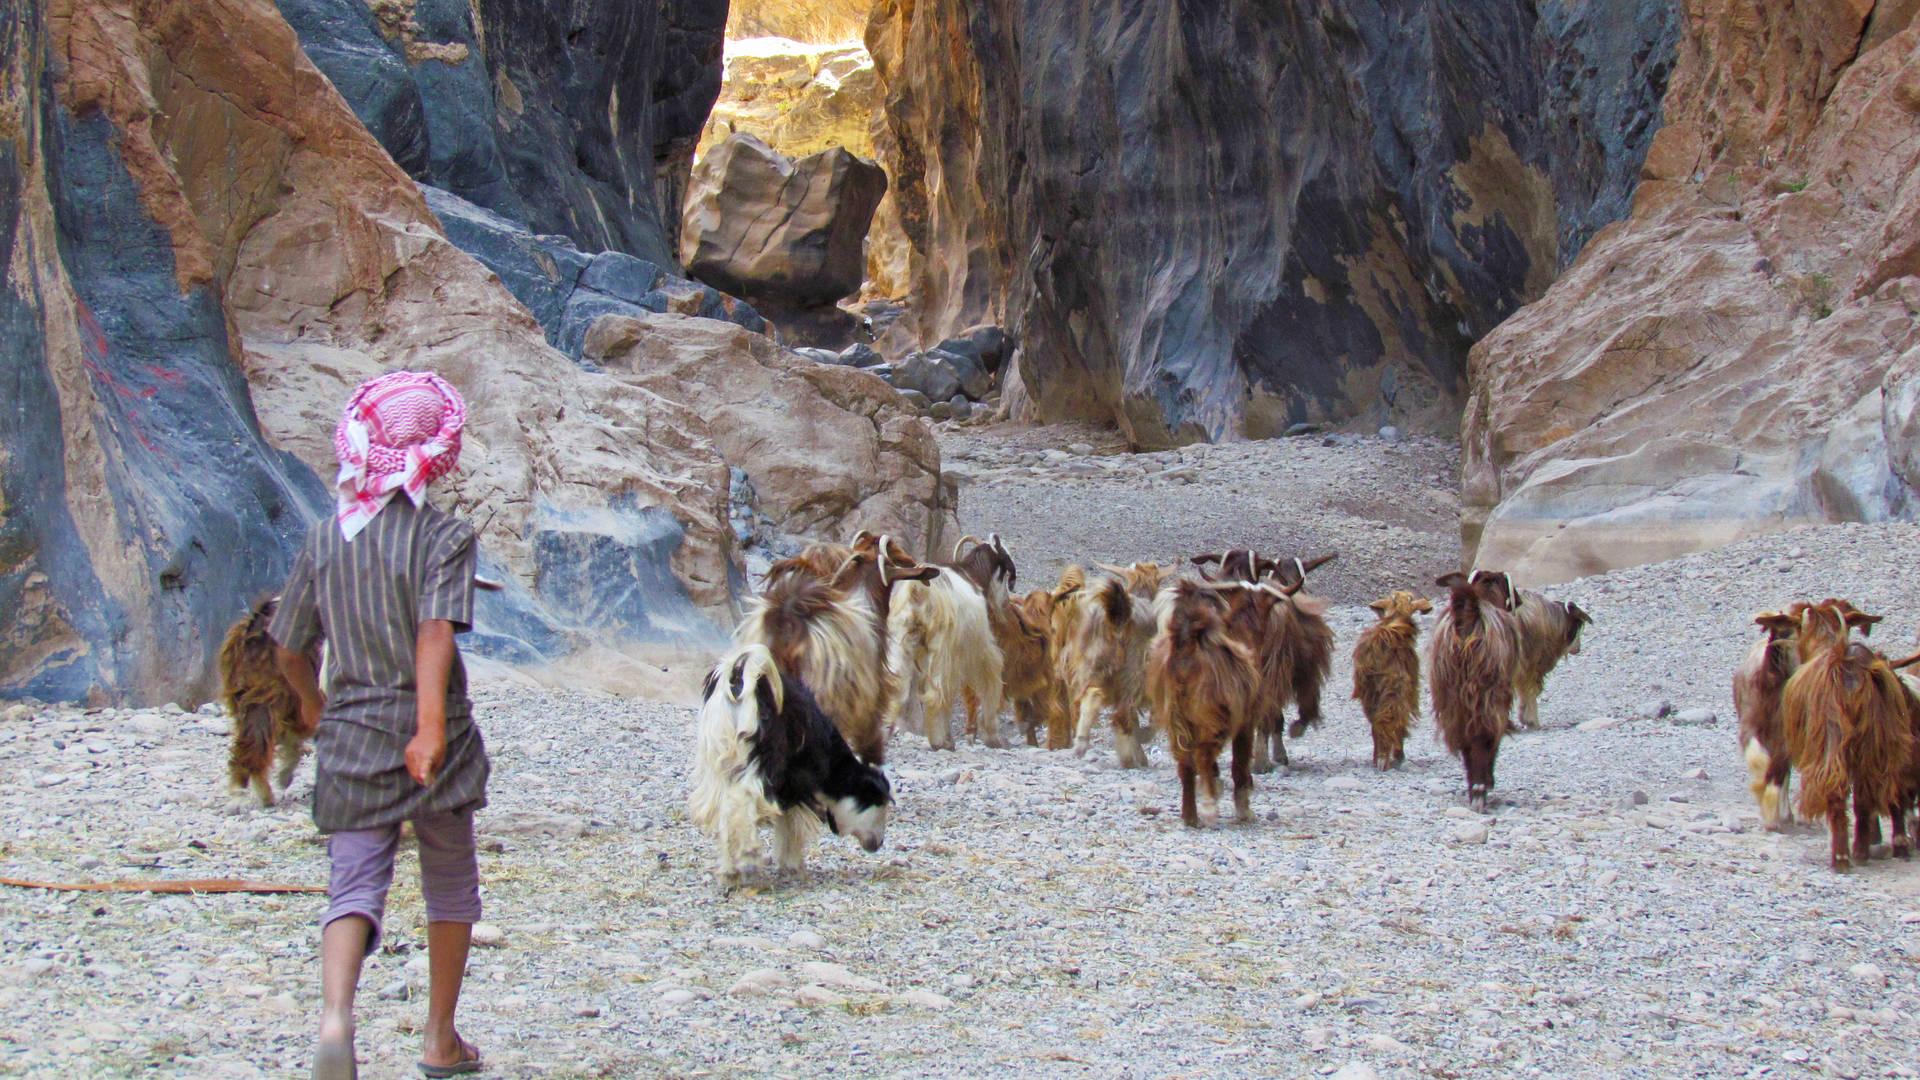 Herdertje met zijn geiten in de Snake Canyon